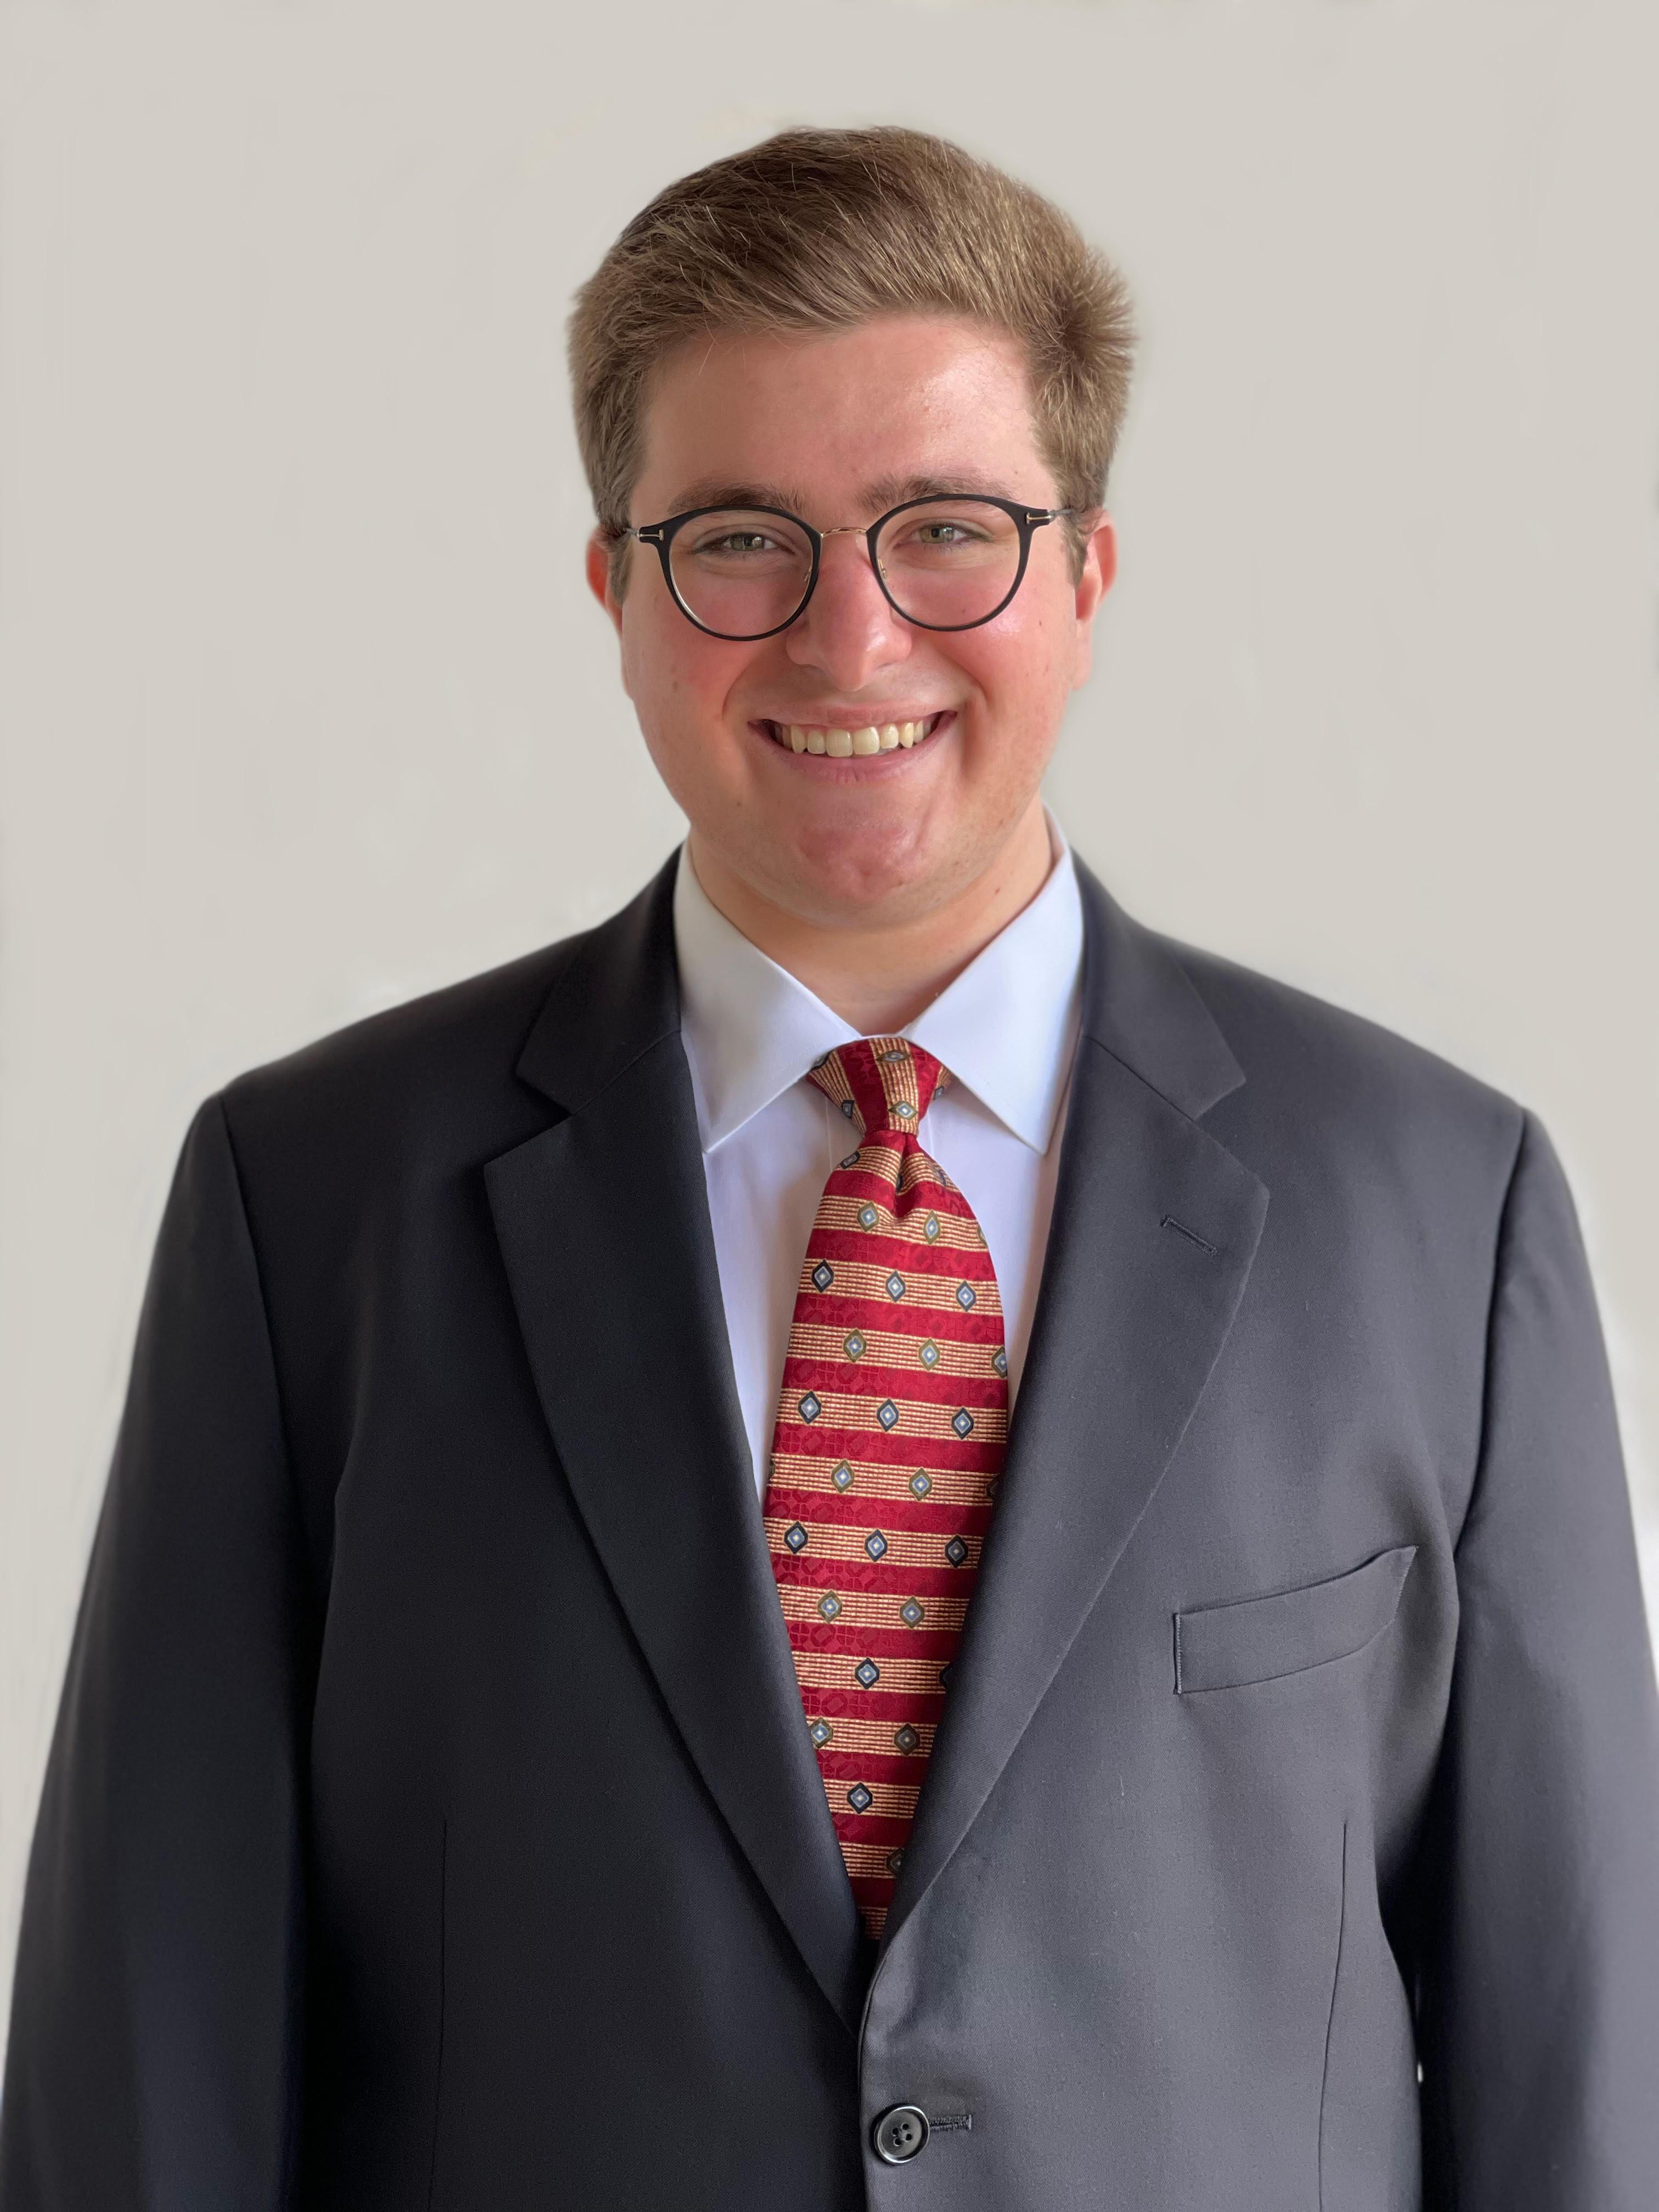 Matthew E. Dardet